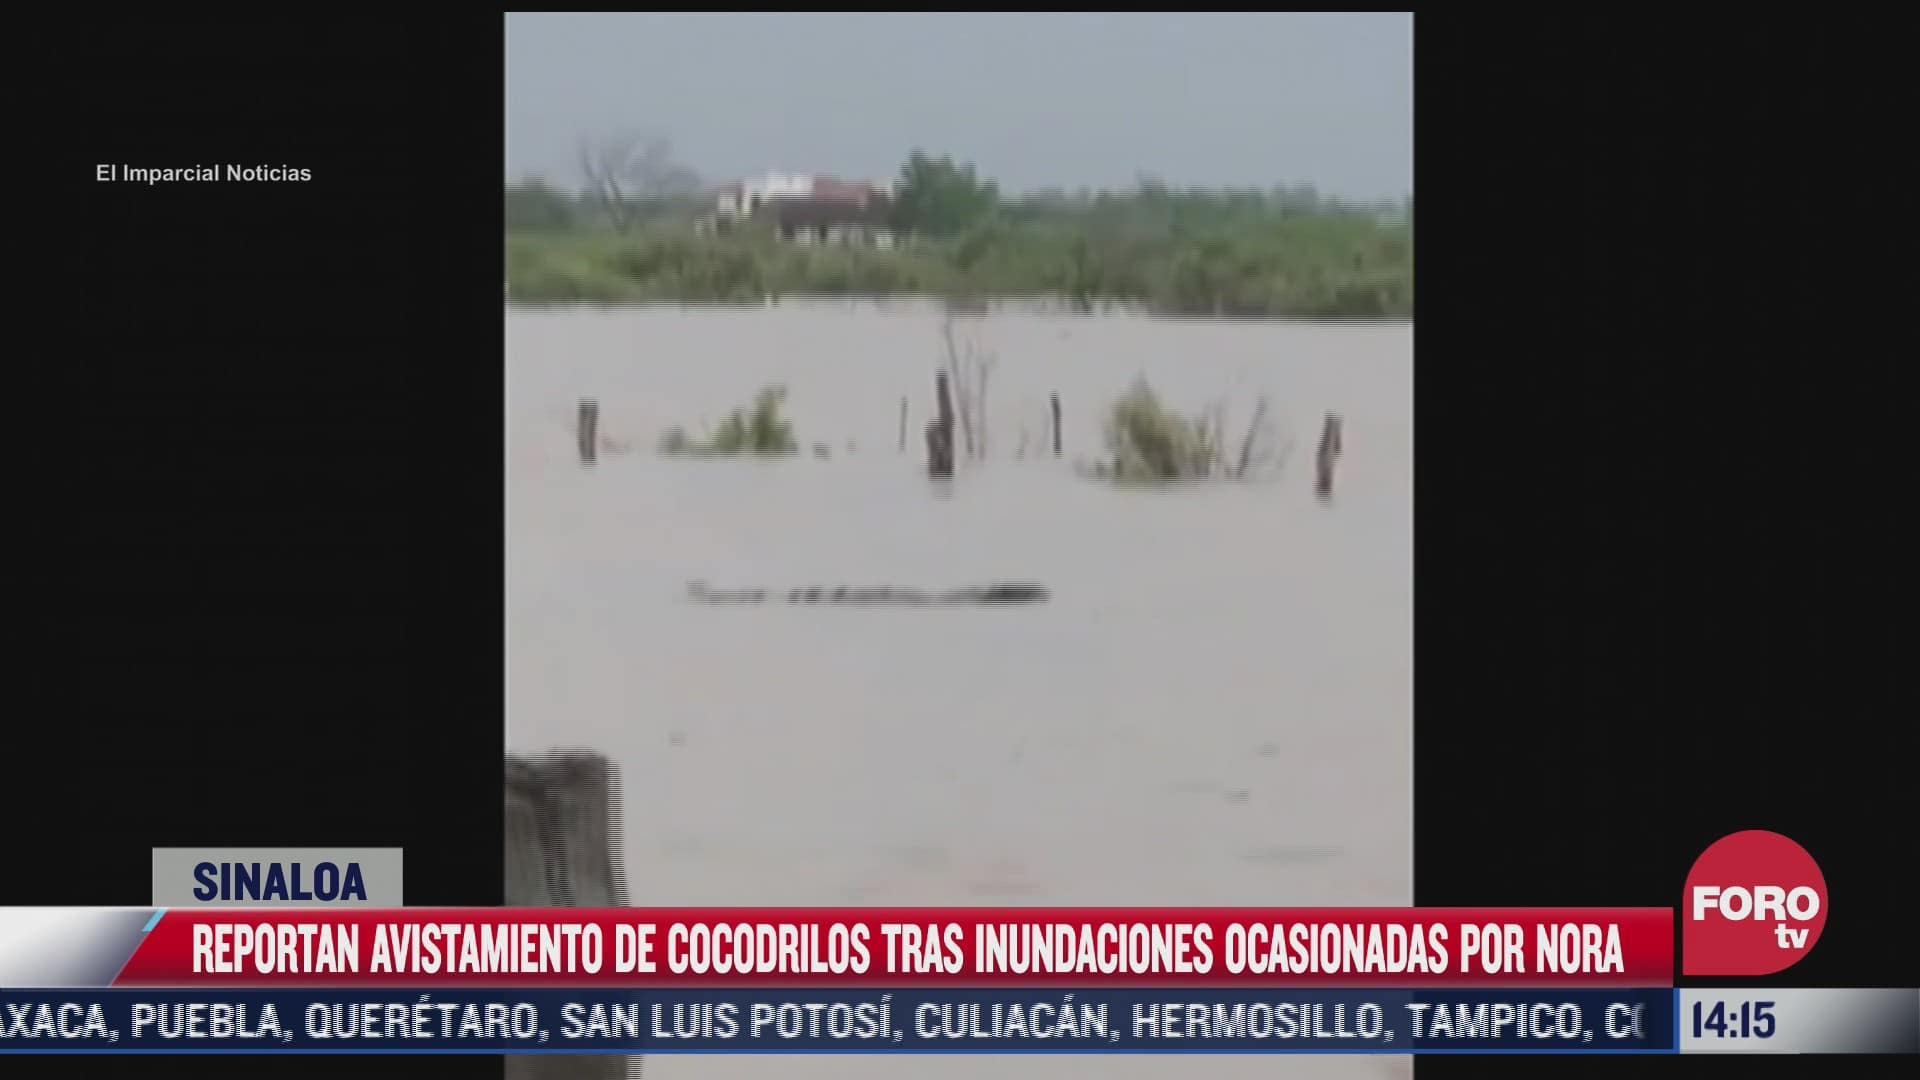 reportan avistamiento de cocodrilos tras inundaciones ocasionadas por nora en sinaloa